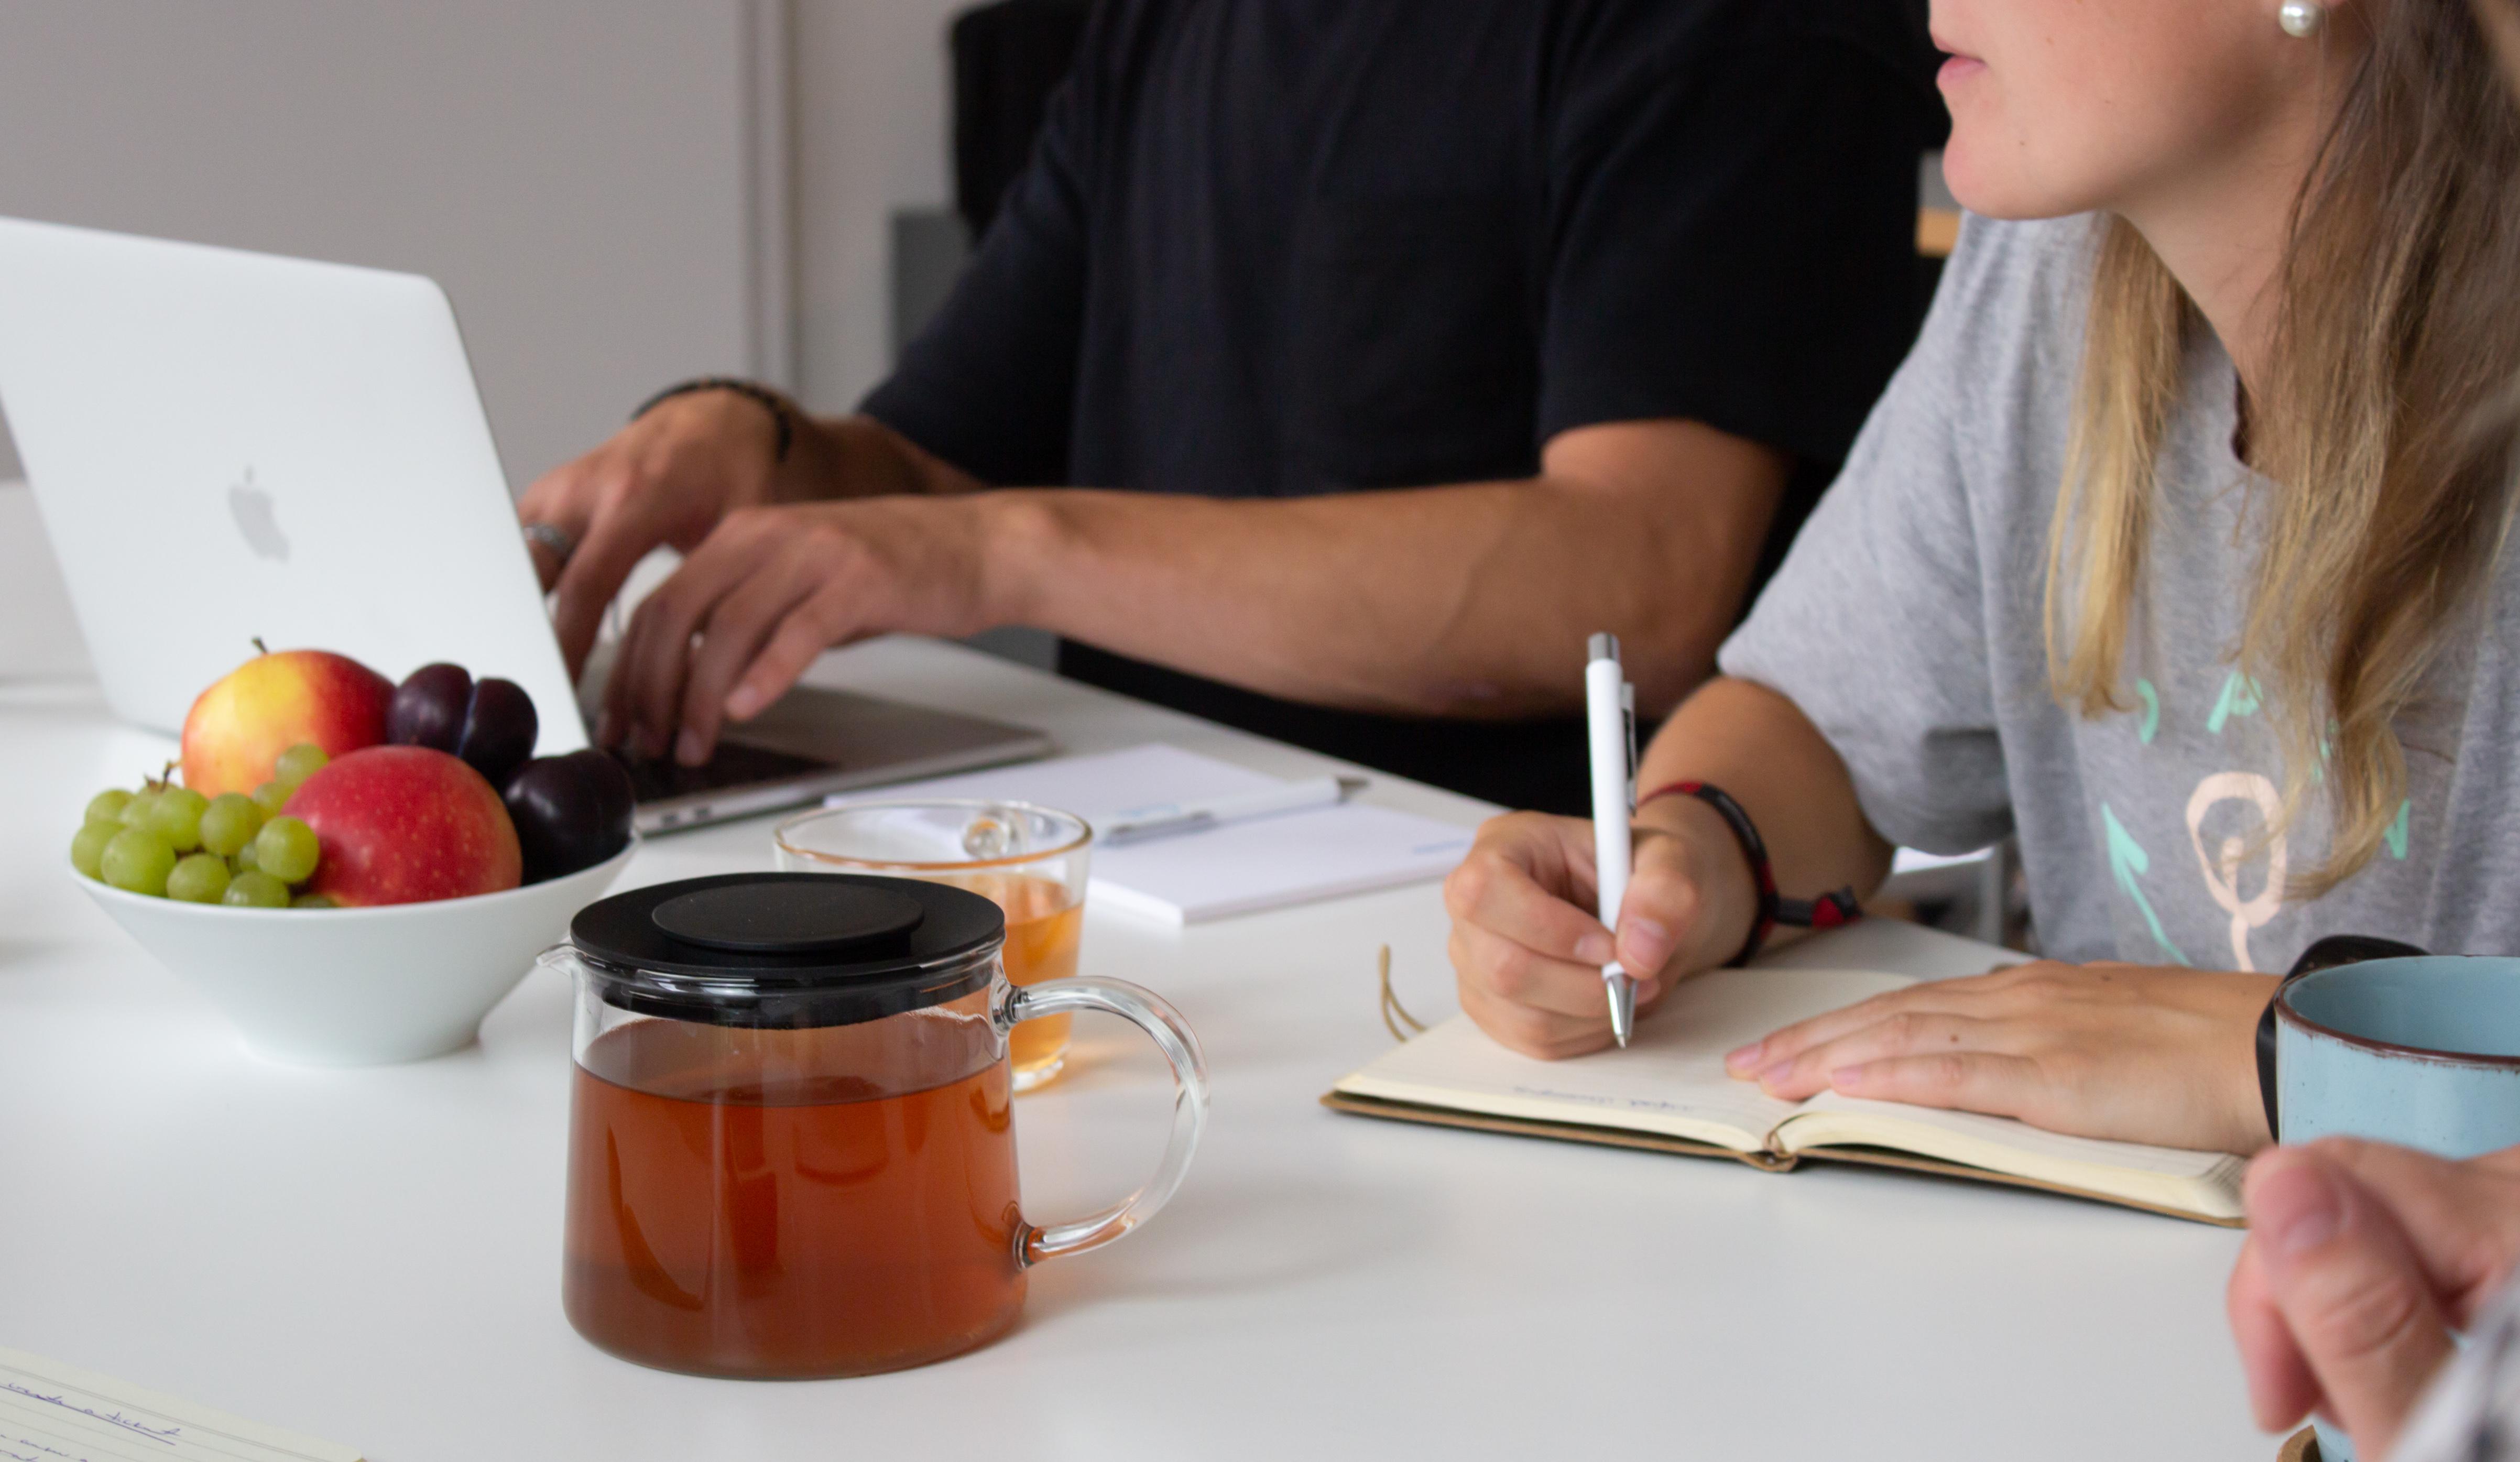 Bild einer Userlike-Mitarbeiterin die sich Notizen macht.